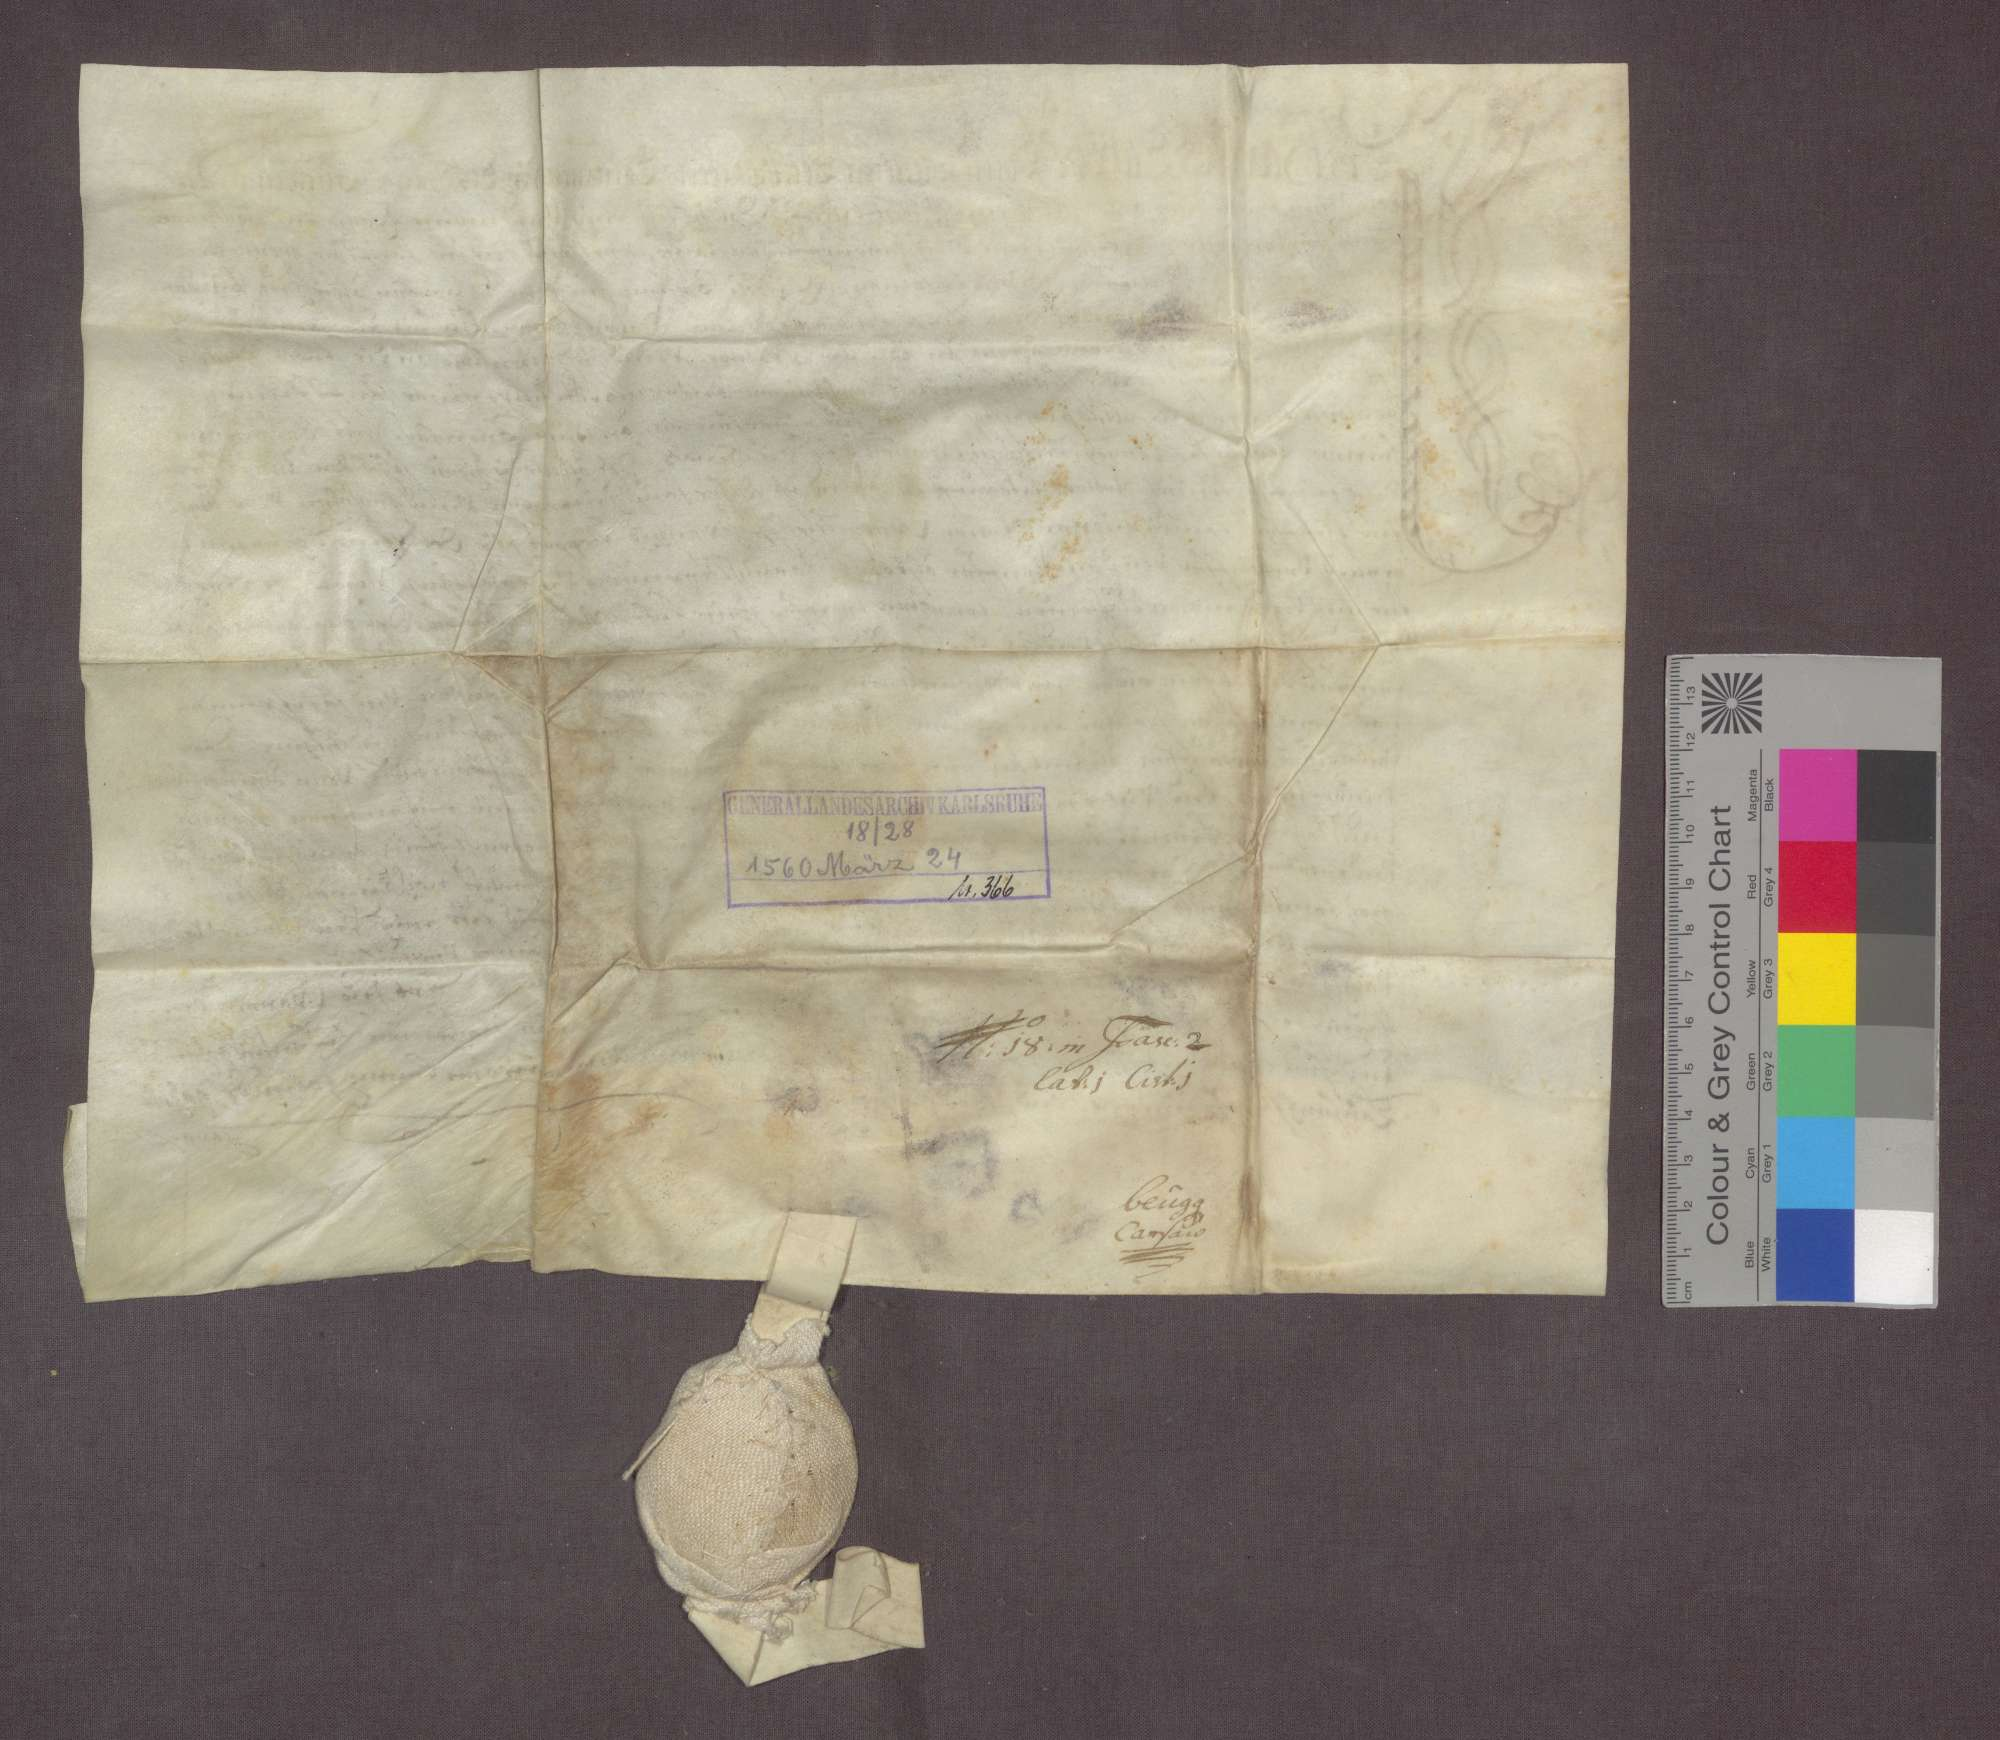 Der Hans Kaspar von Jestetten, Komtur zu Beuggen, verkauft an seinen Schreiber Diebold Babst, Haus, Hofreite, Stall und Garten um 50 Pfund Stebler (Ort nicht angegeben)., Bild 2